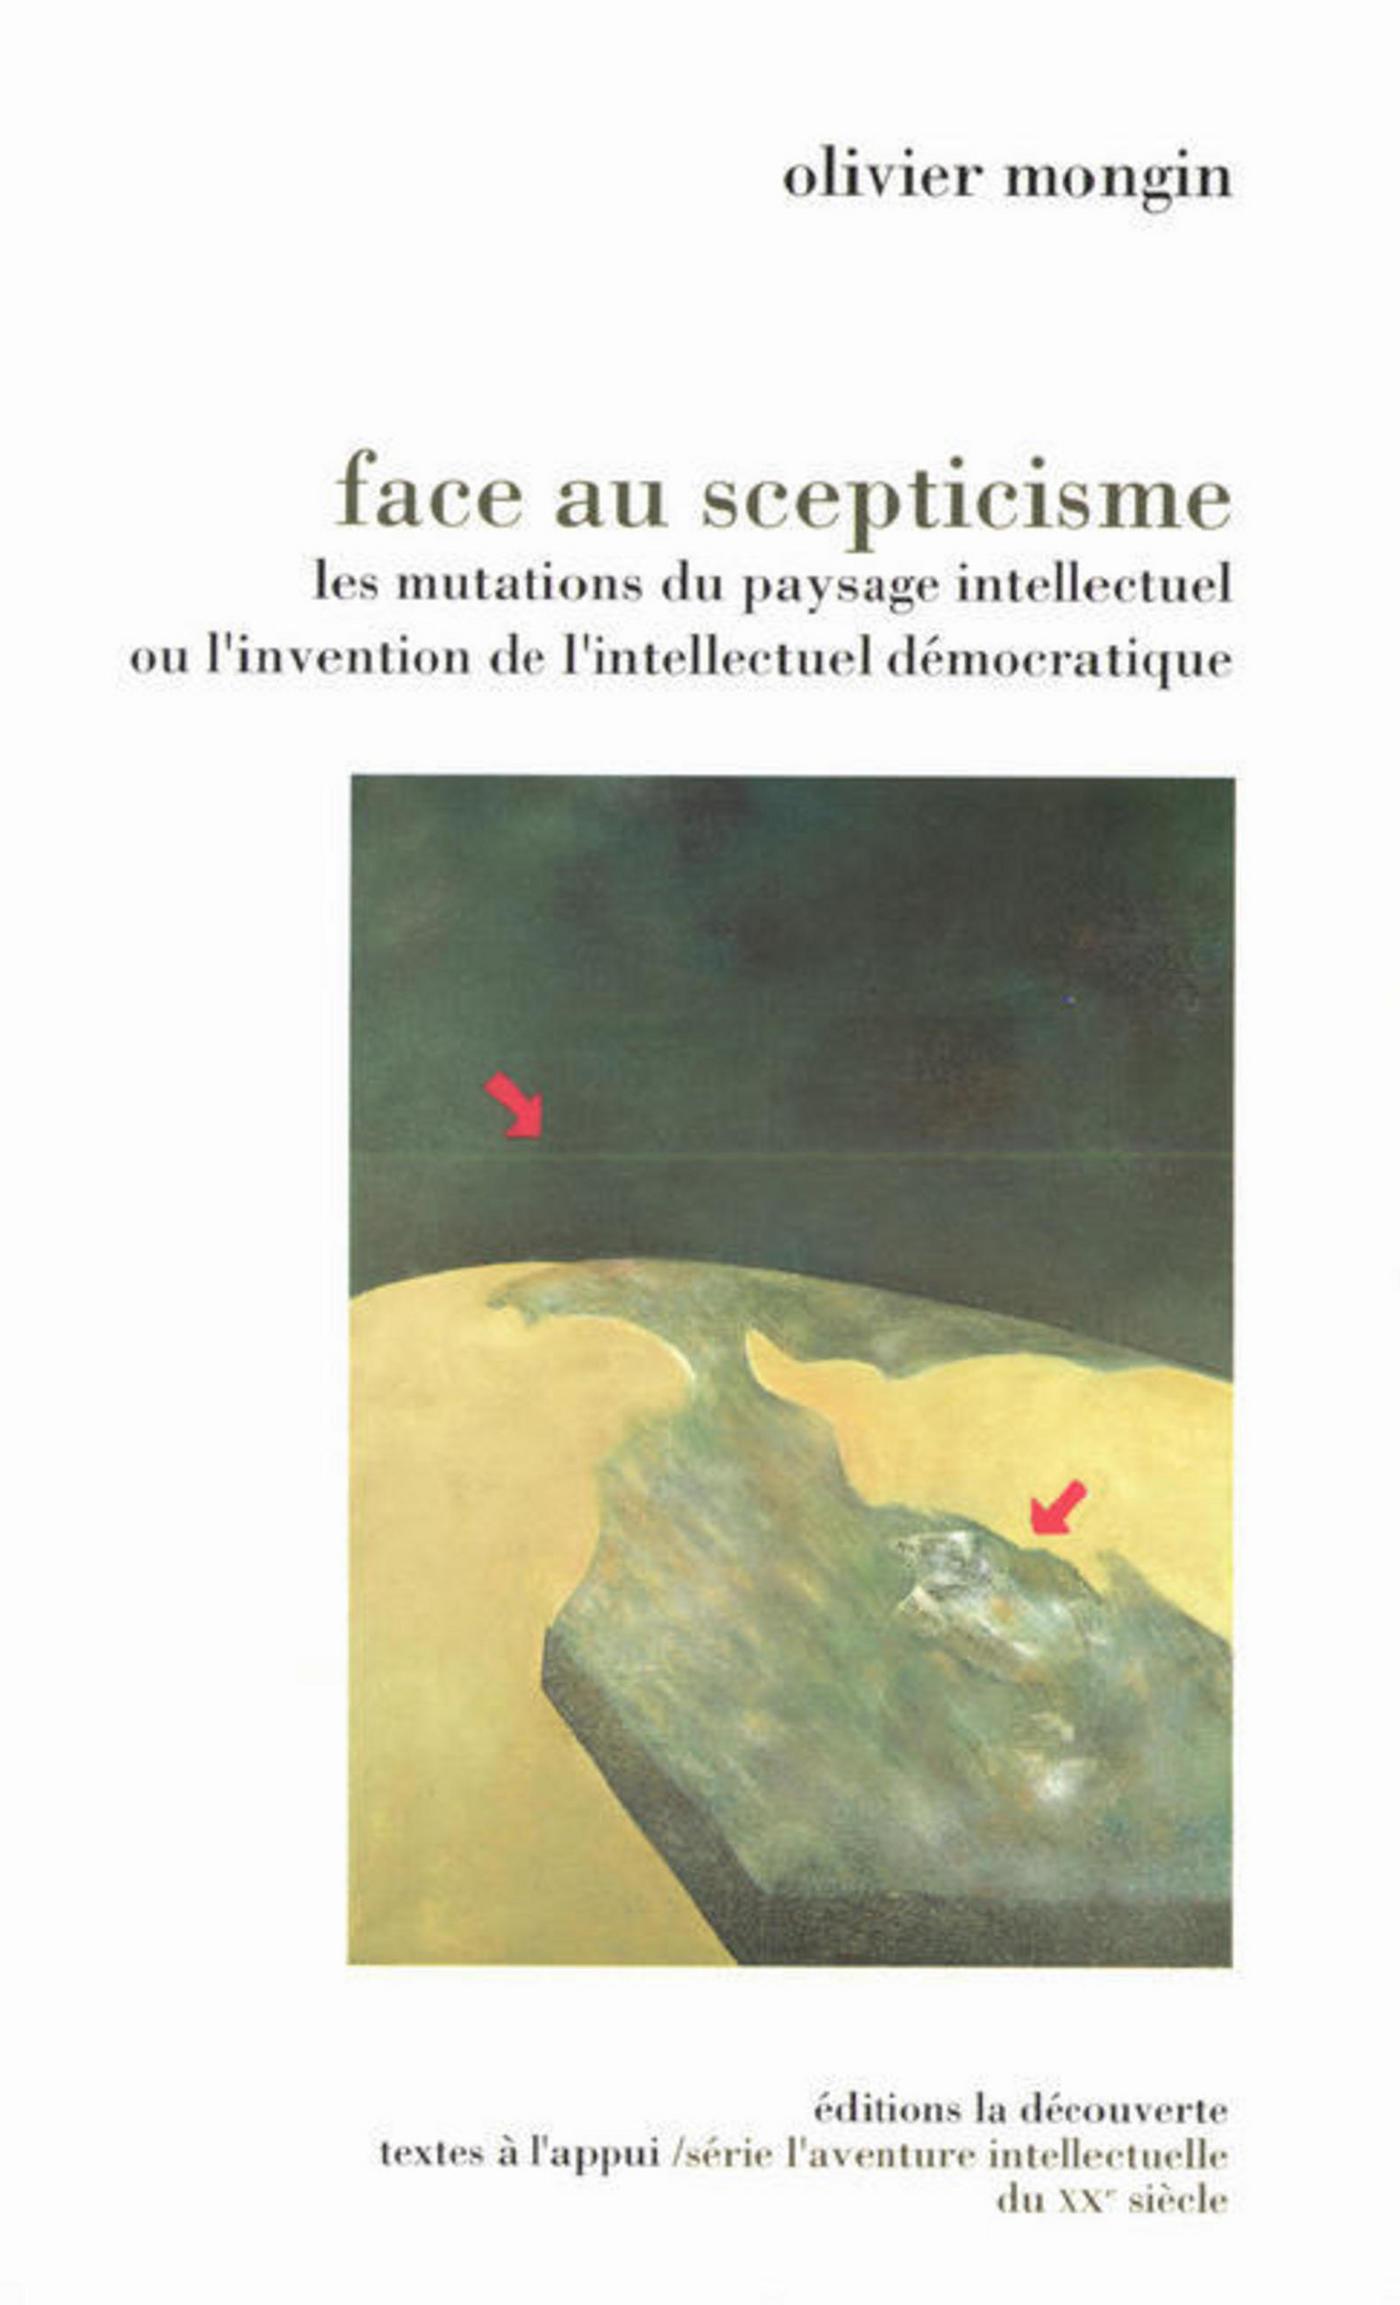 Face au scepticisme